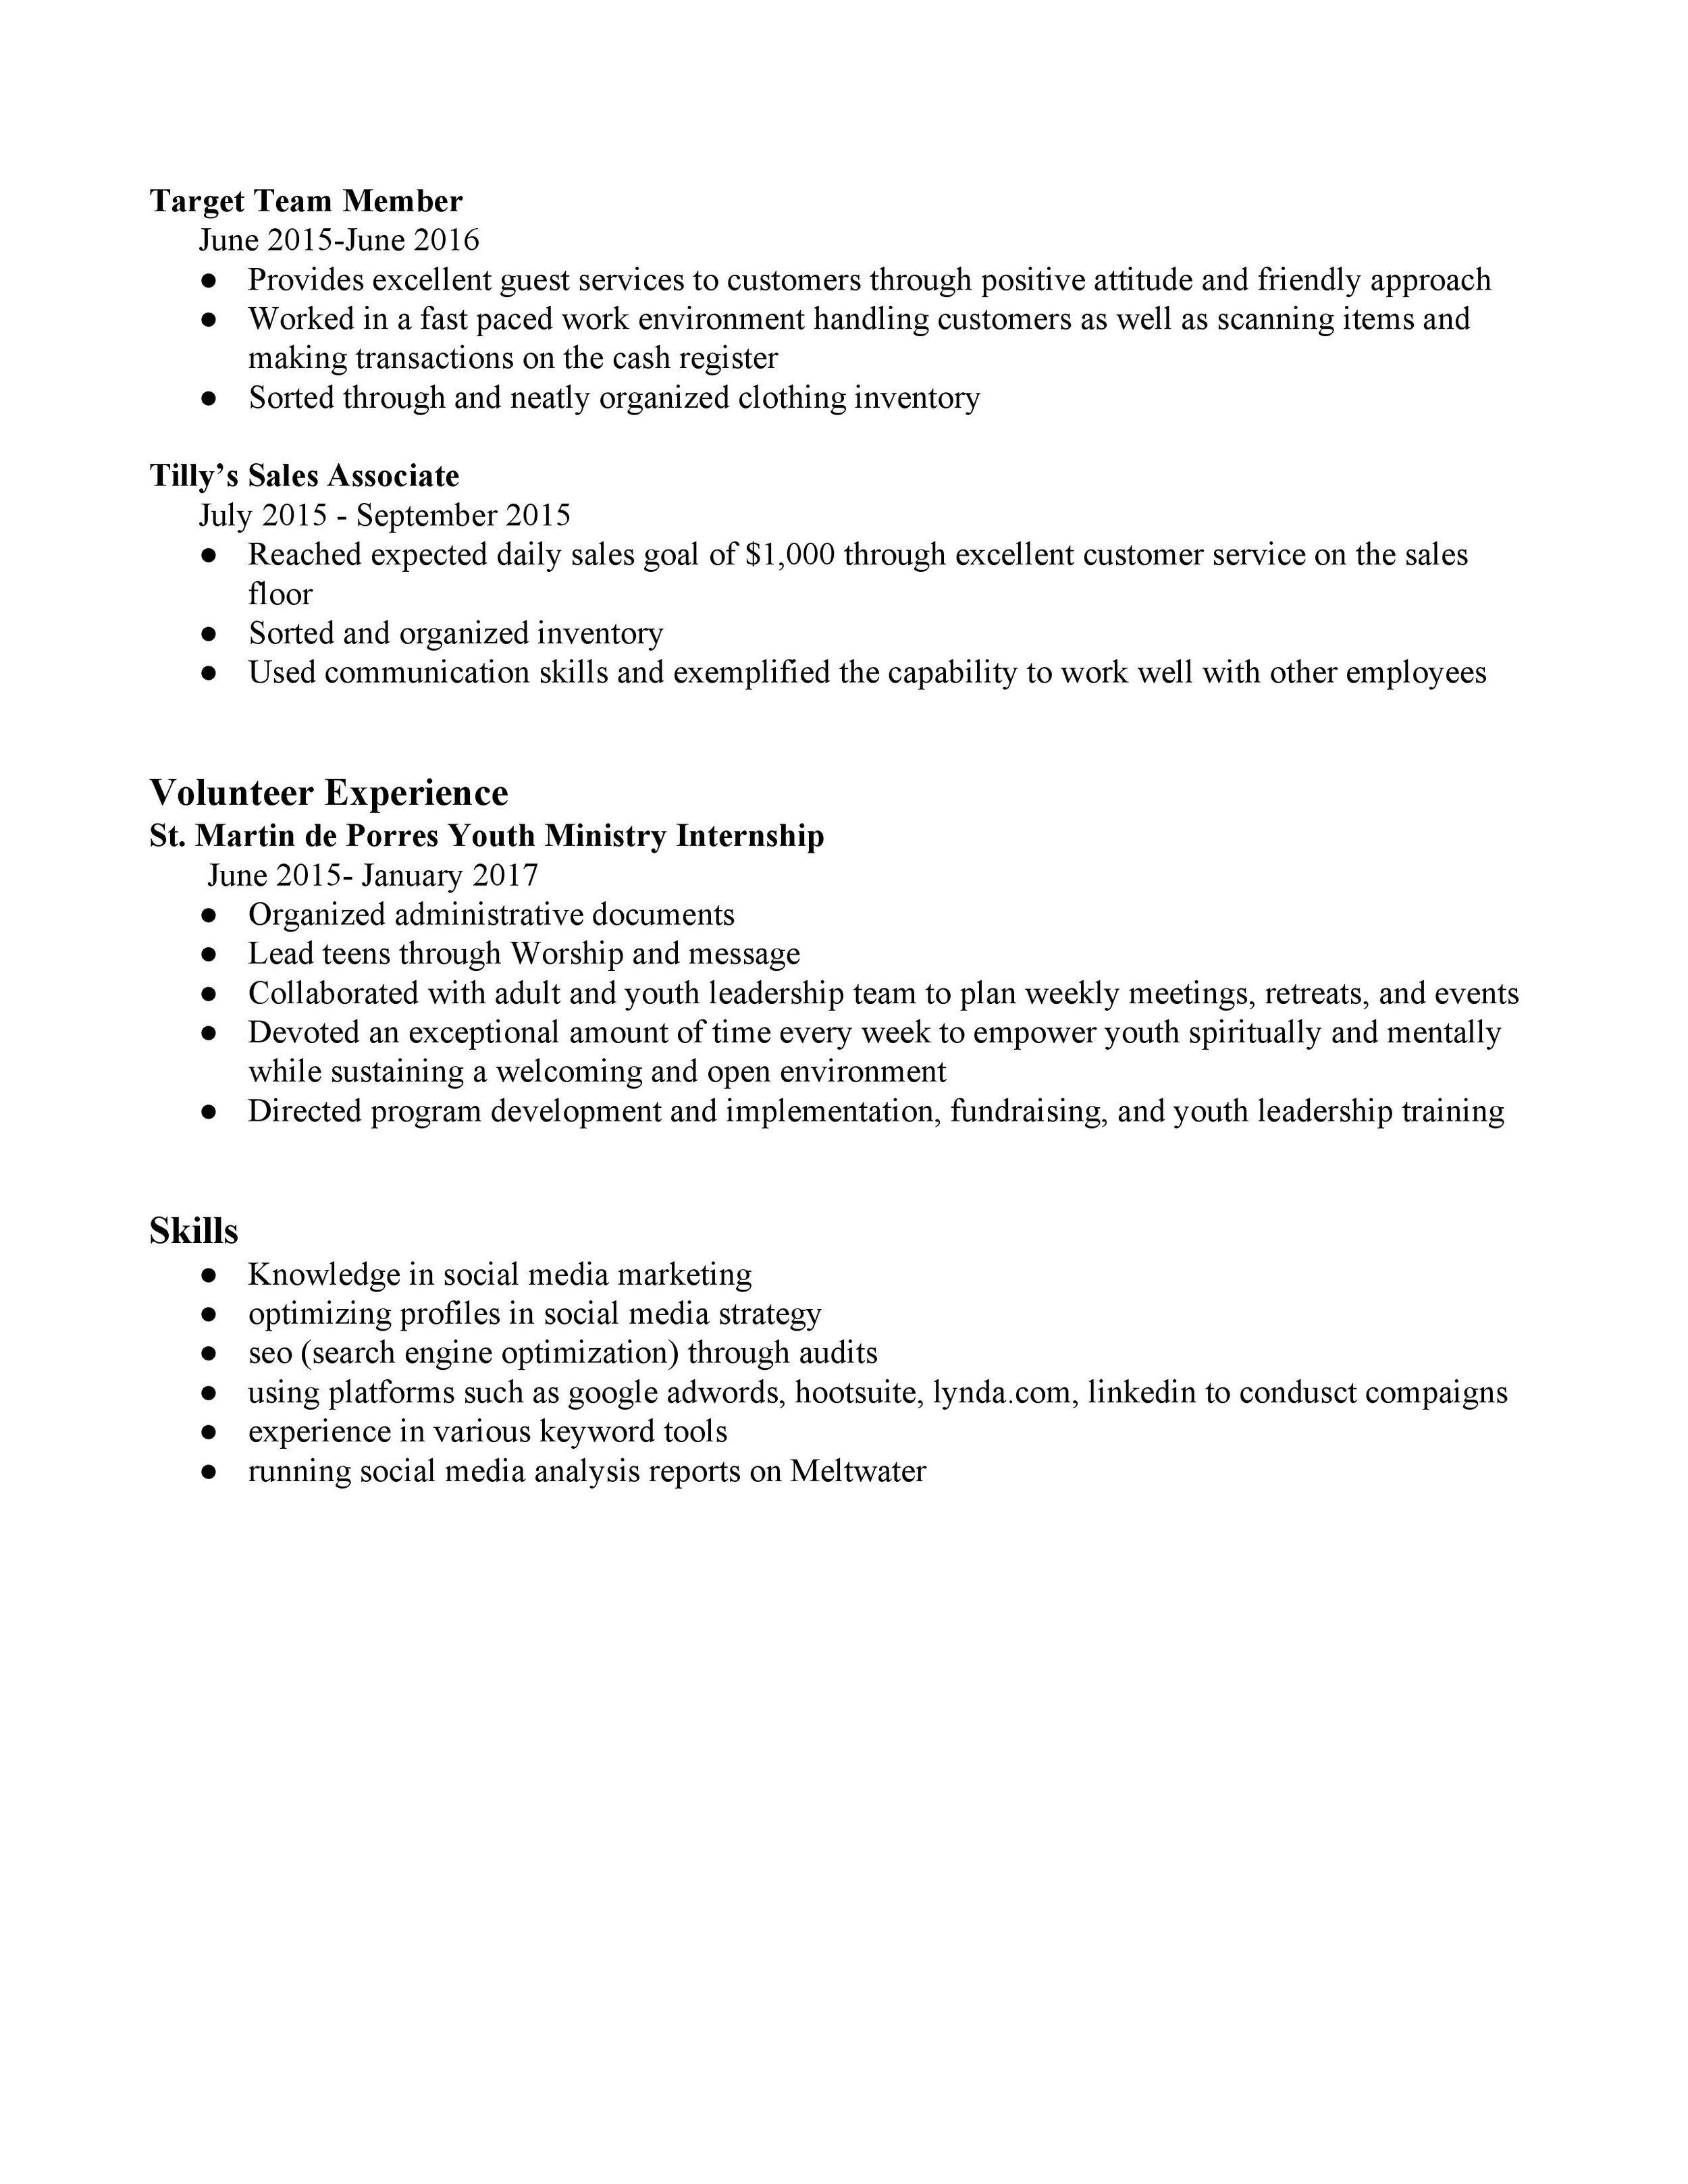 Sabrina s Resume (1)-page-002.jpg